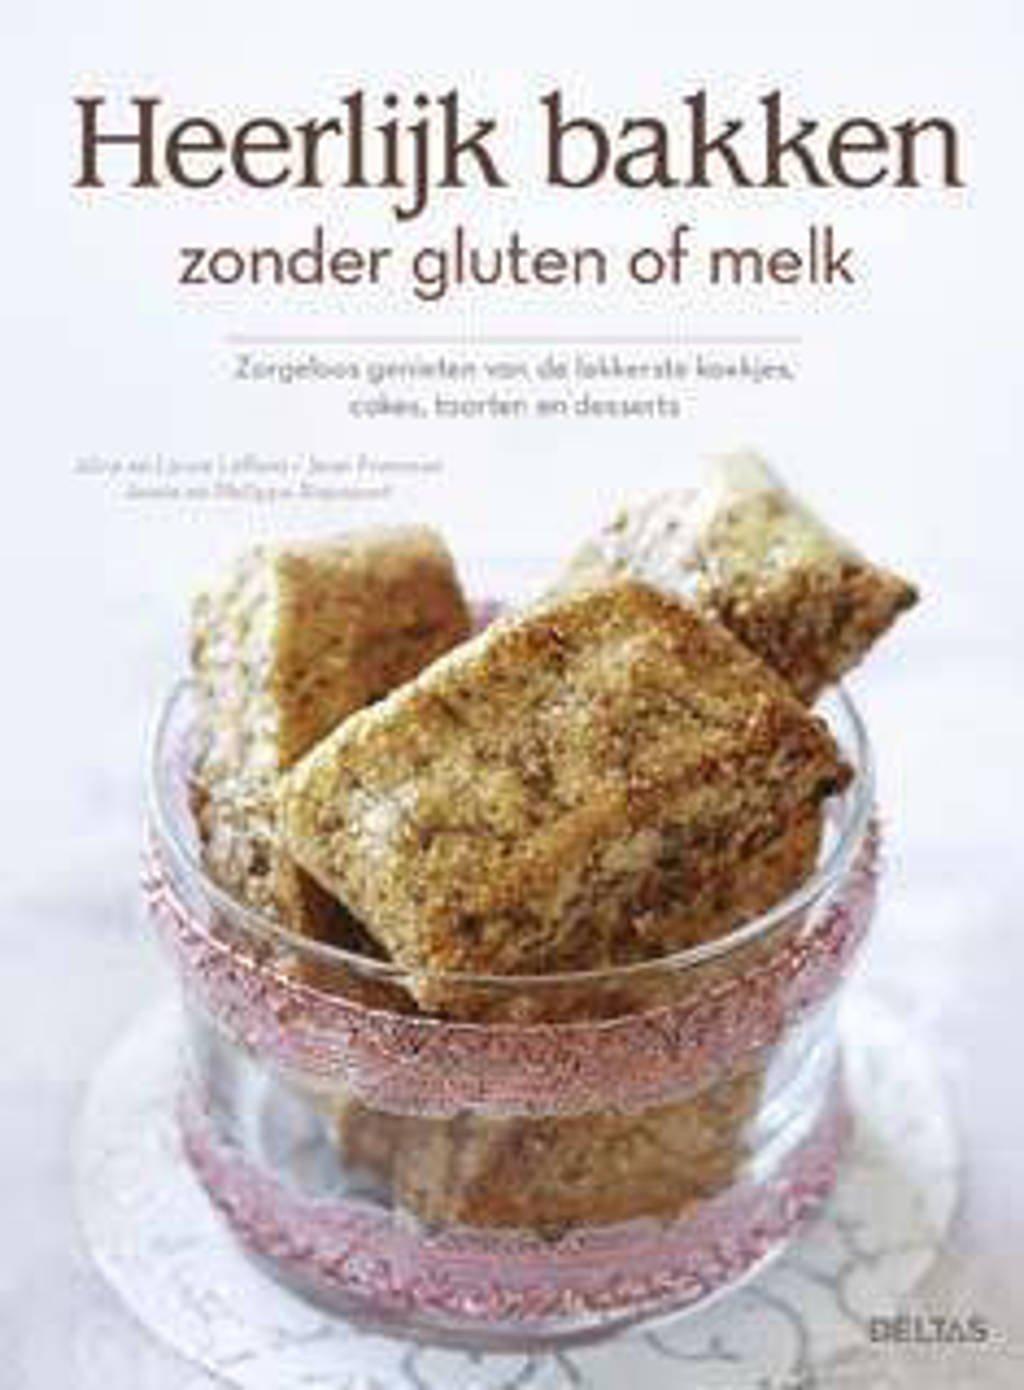 Heerlijk bakken zonder gluten of melk - Alice Laffont, Laure Laffont, Jean Pommier, e.a.